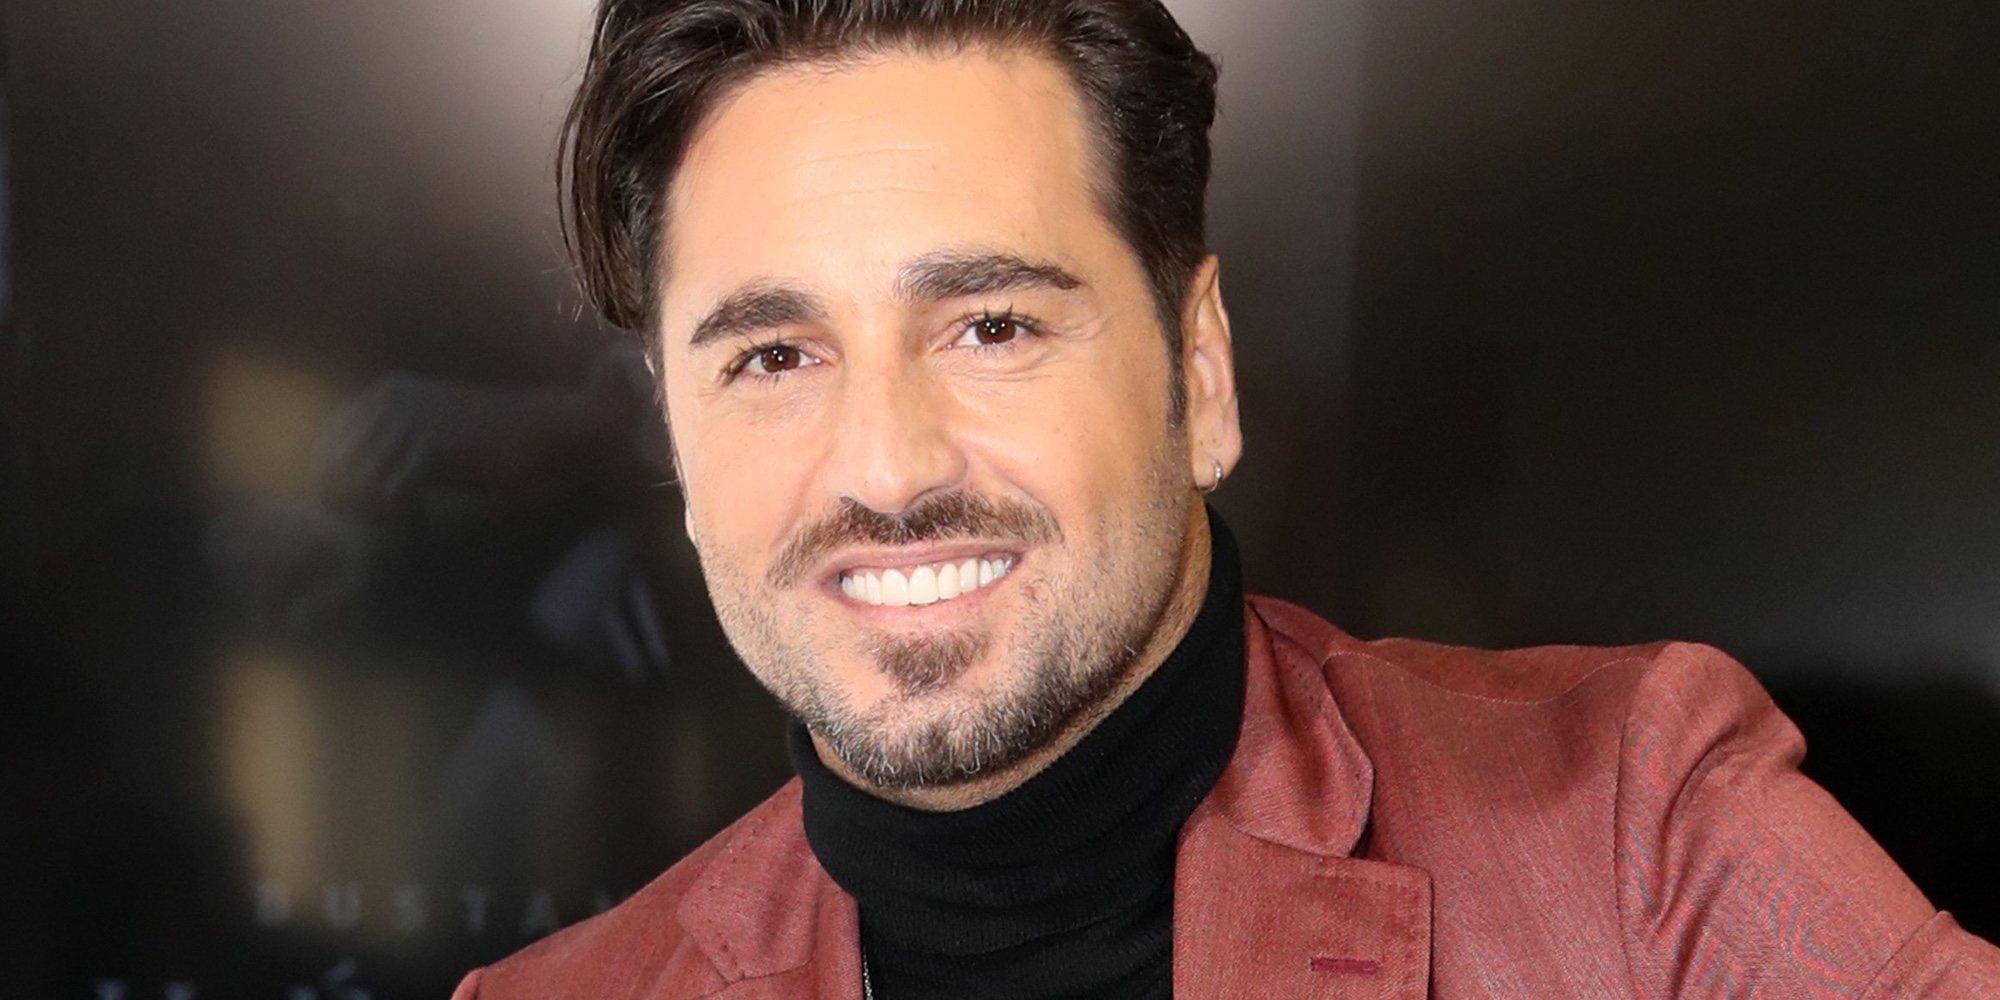 David Bustamante indigna al Ayuntamiento de Fuenlabrada con la cancelación de su concierto diez minutos antes